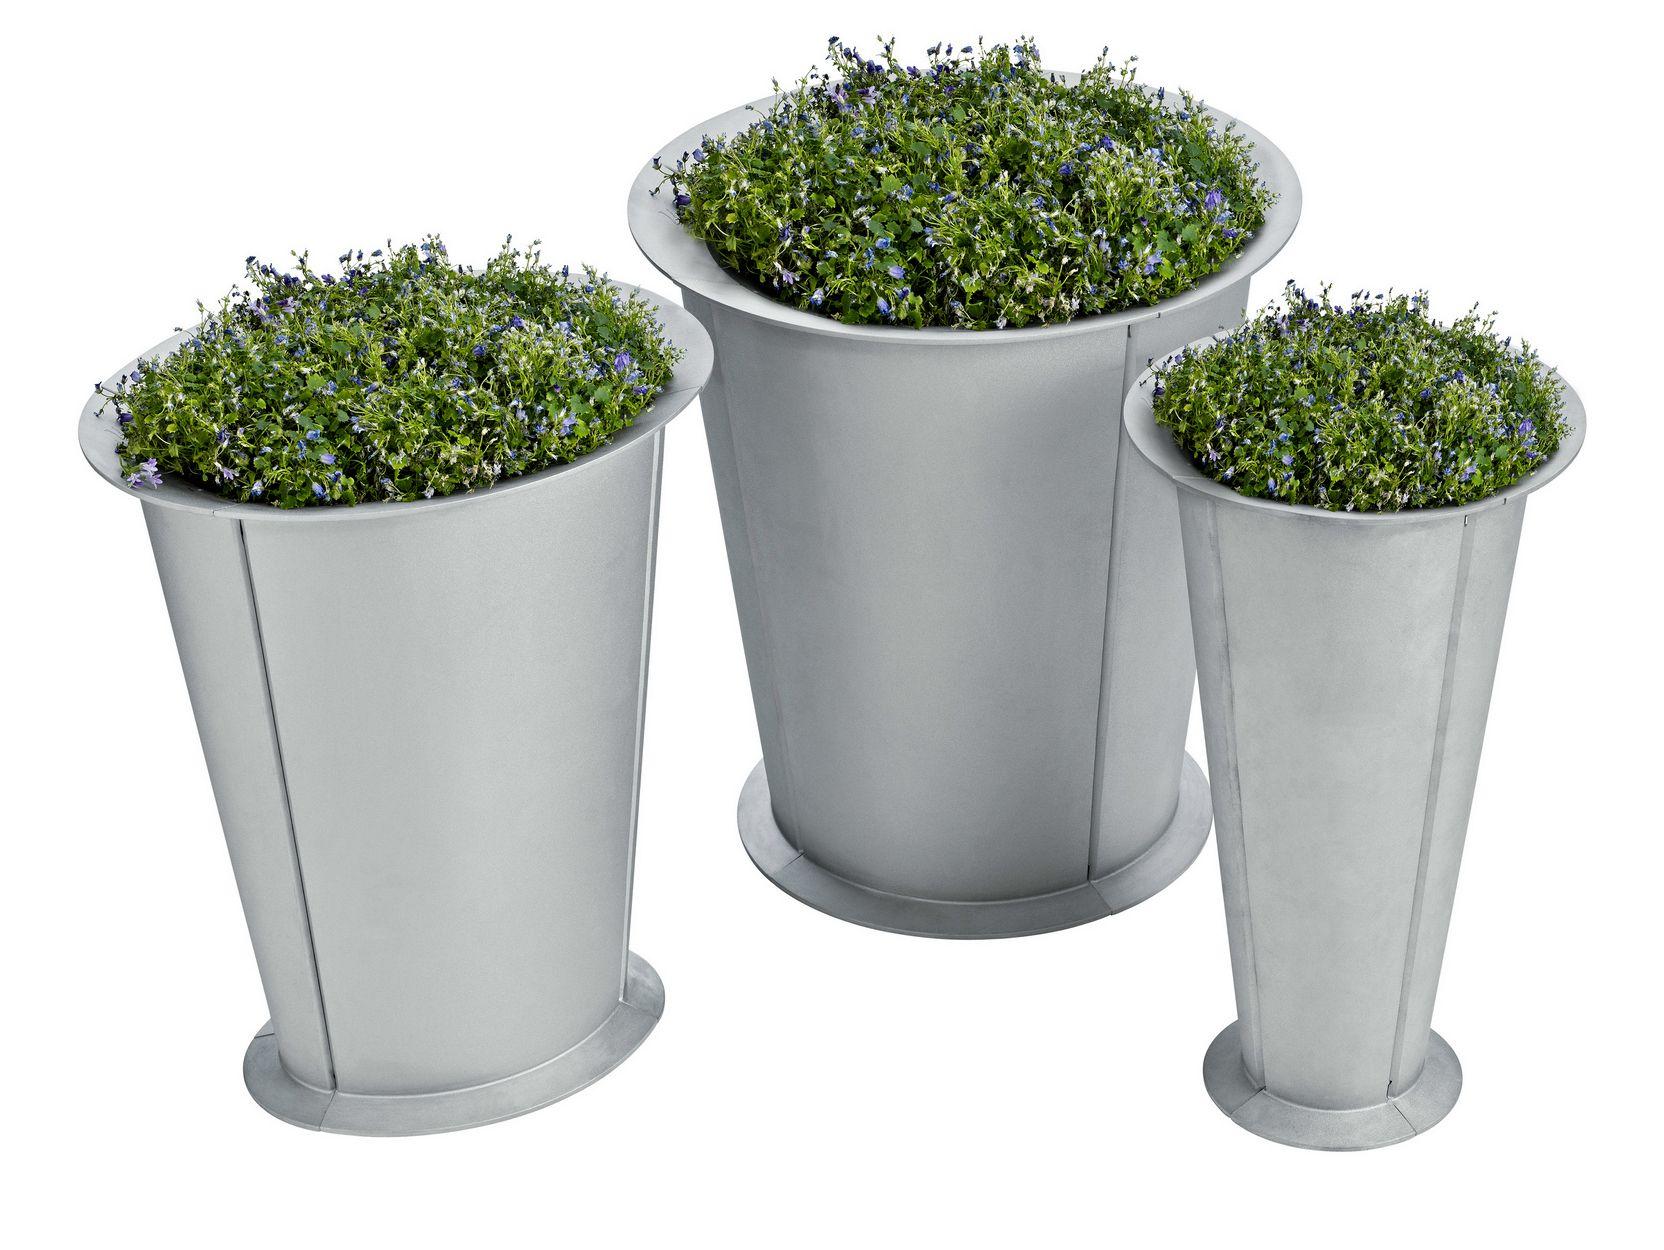 Aluminium flower pot segment by nola industrier design for Flower pots design images